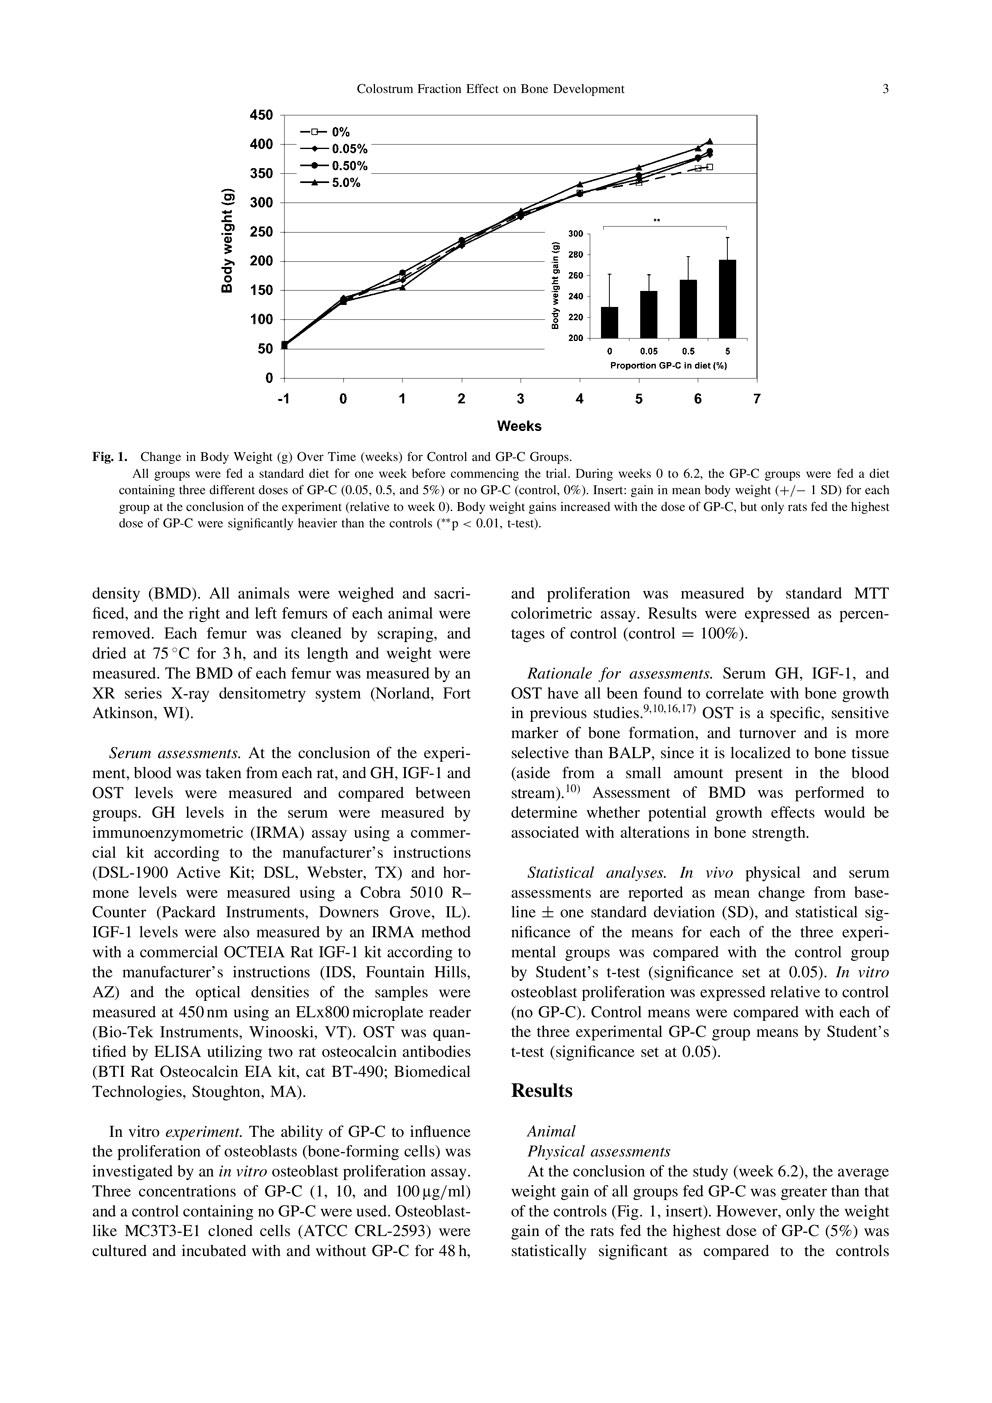 初乳による人間の骨の成長と発達を促進する可能性 P3